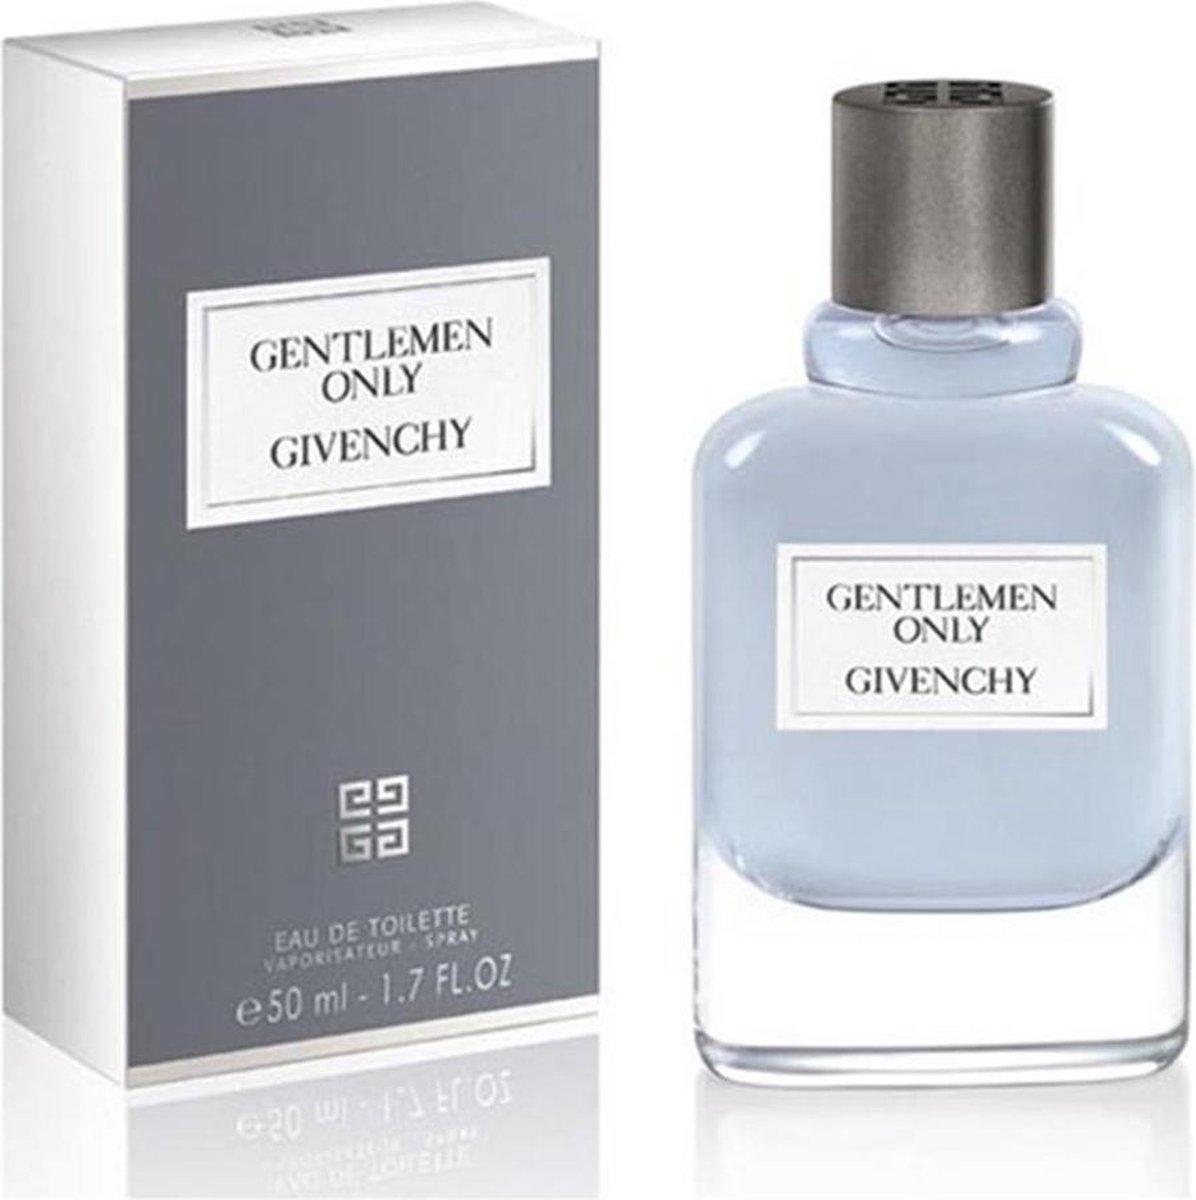 Givenchy Gentlemen Only - 50 ml - Eau de toilette - Givenchy